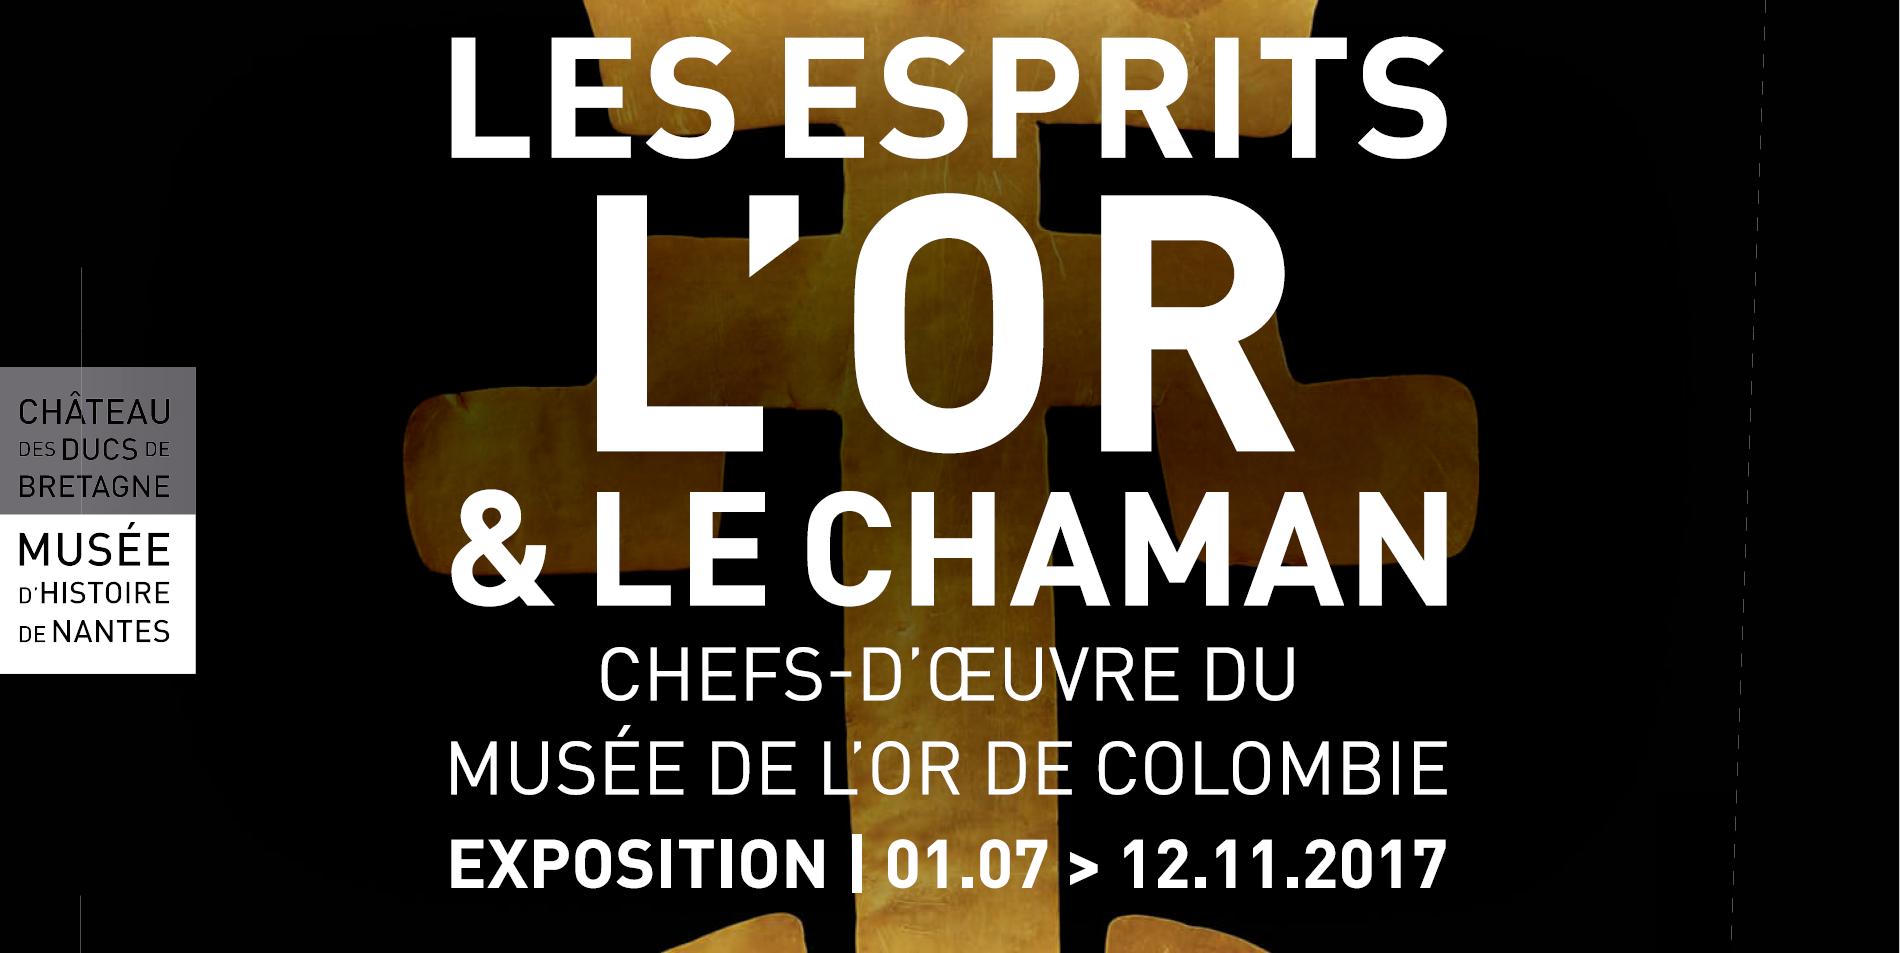 L'exposition «Les Esprits, l'Or et le Chaman» a commencé le 1er juillet 2017 et continue jusqu'au 2 septembre 2017.